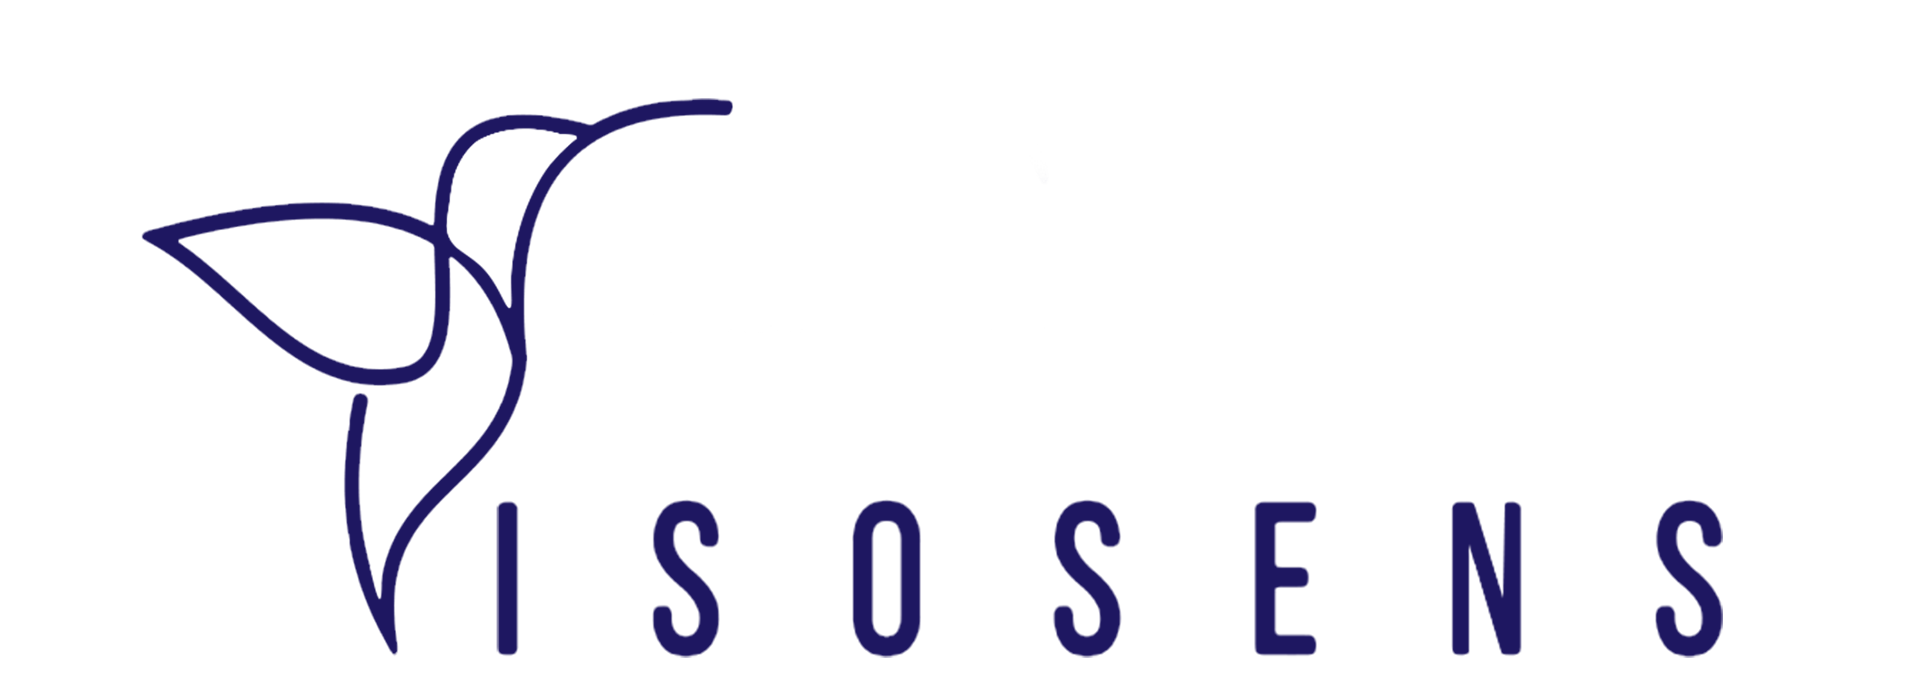 Isosens